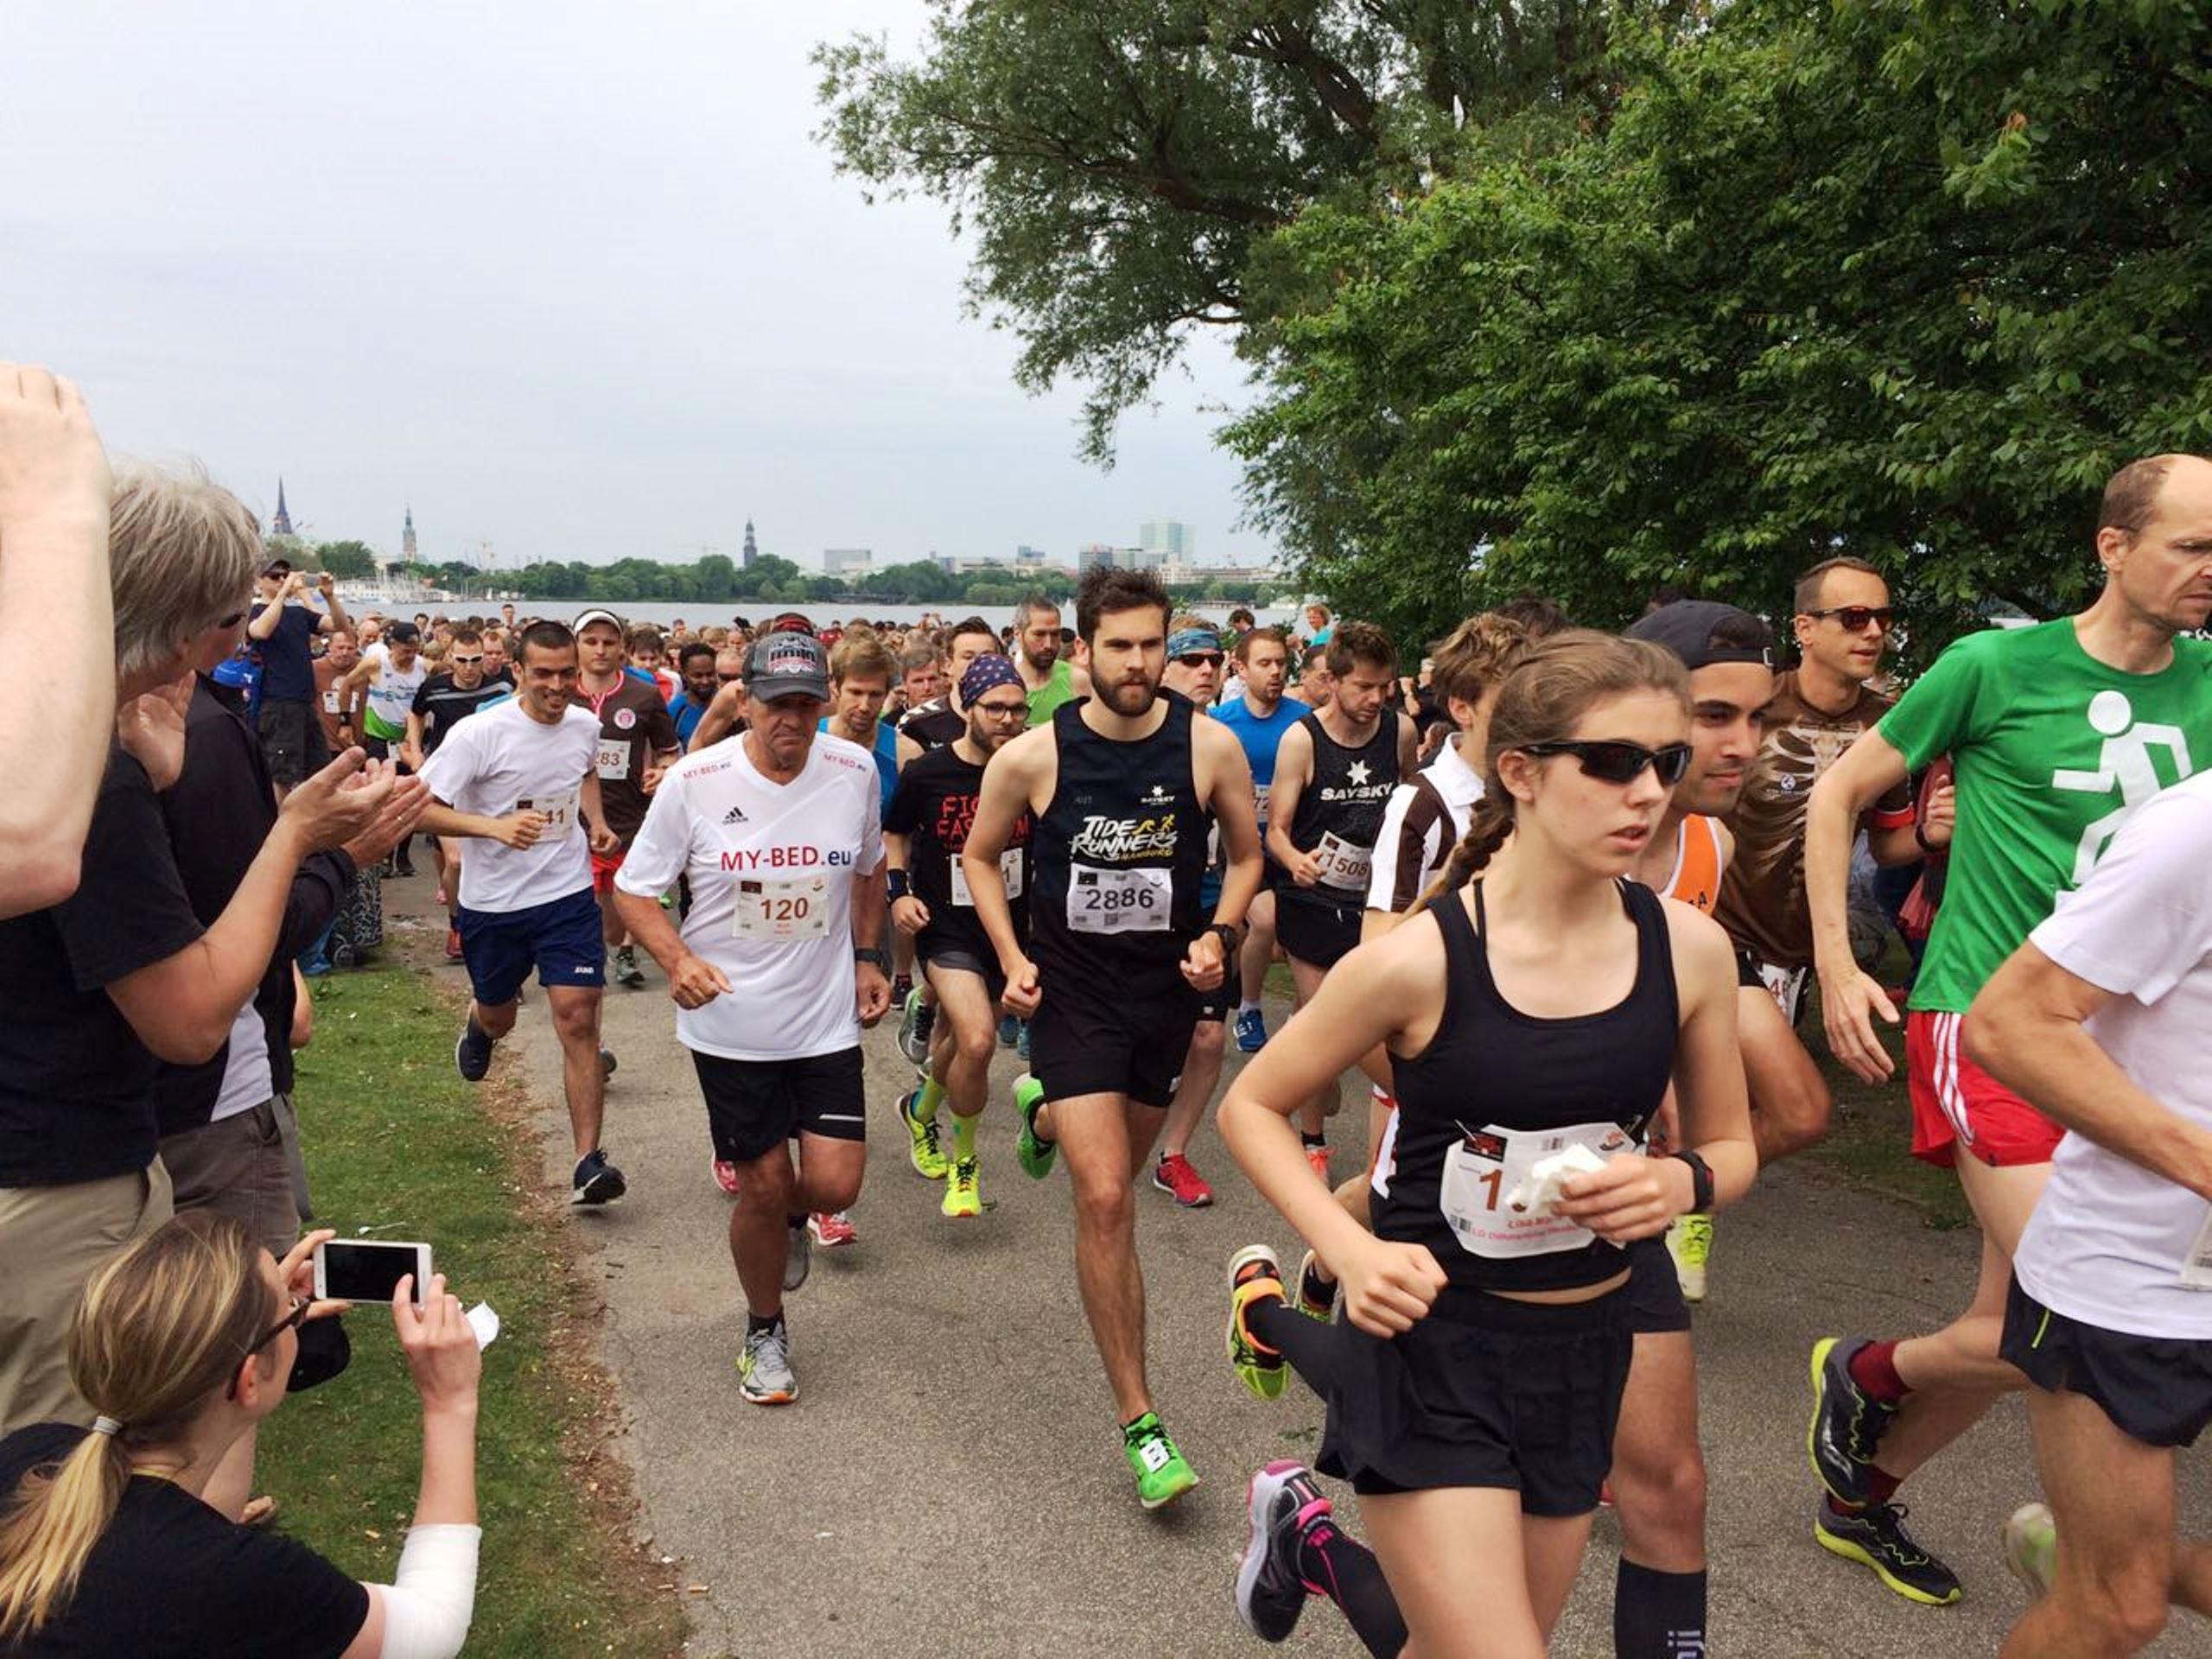 Lauf gegen Rechts: 2.500 Läuferinnen und Läufer setzen Zeichen gegen Fremdenhass